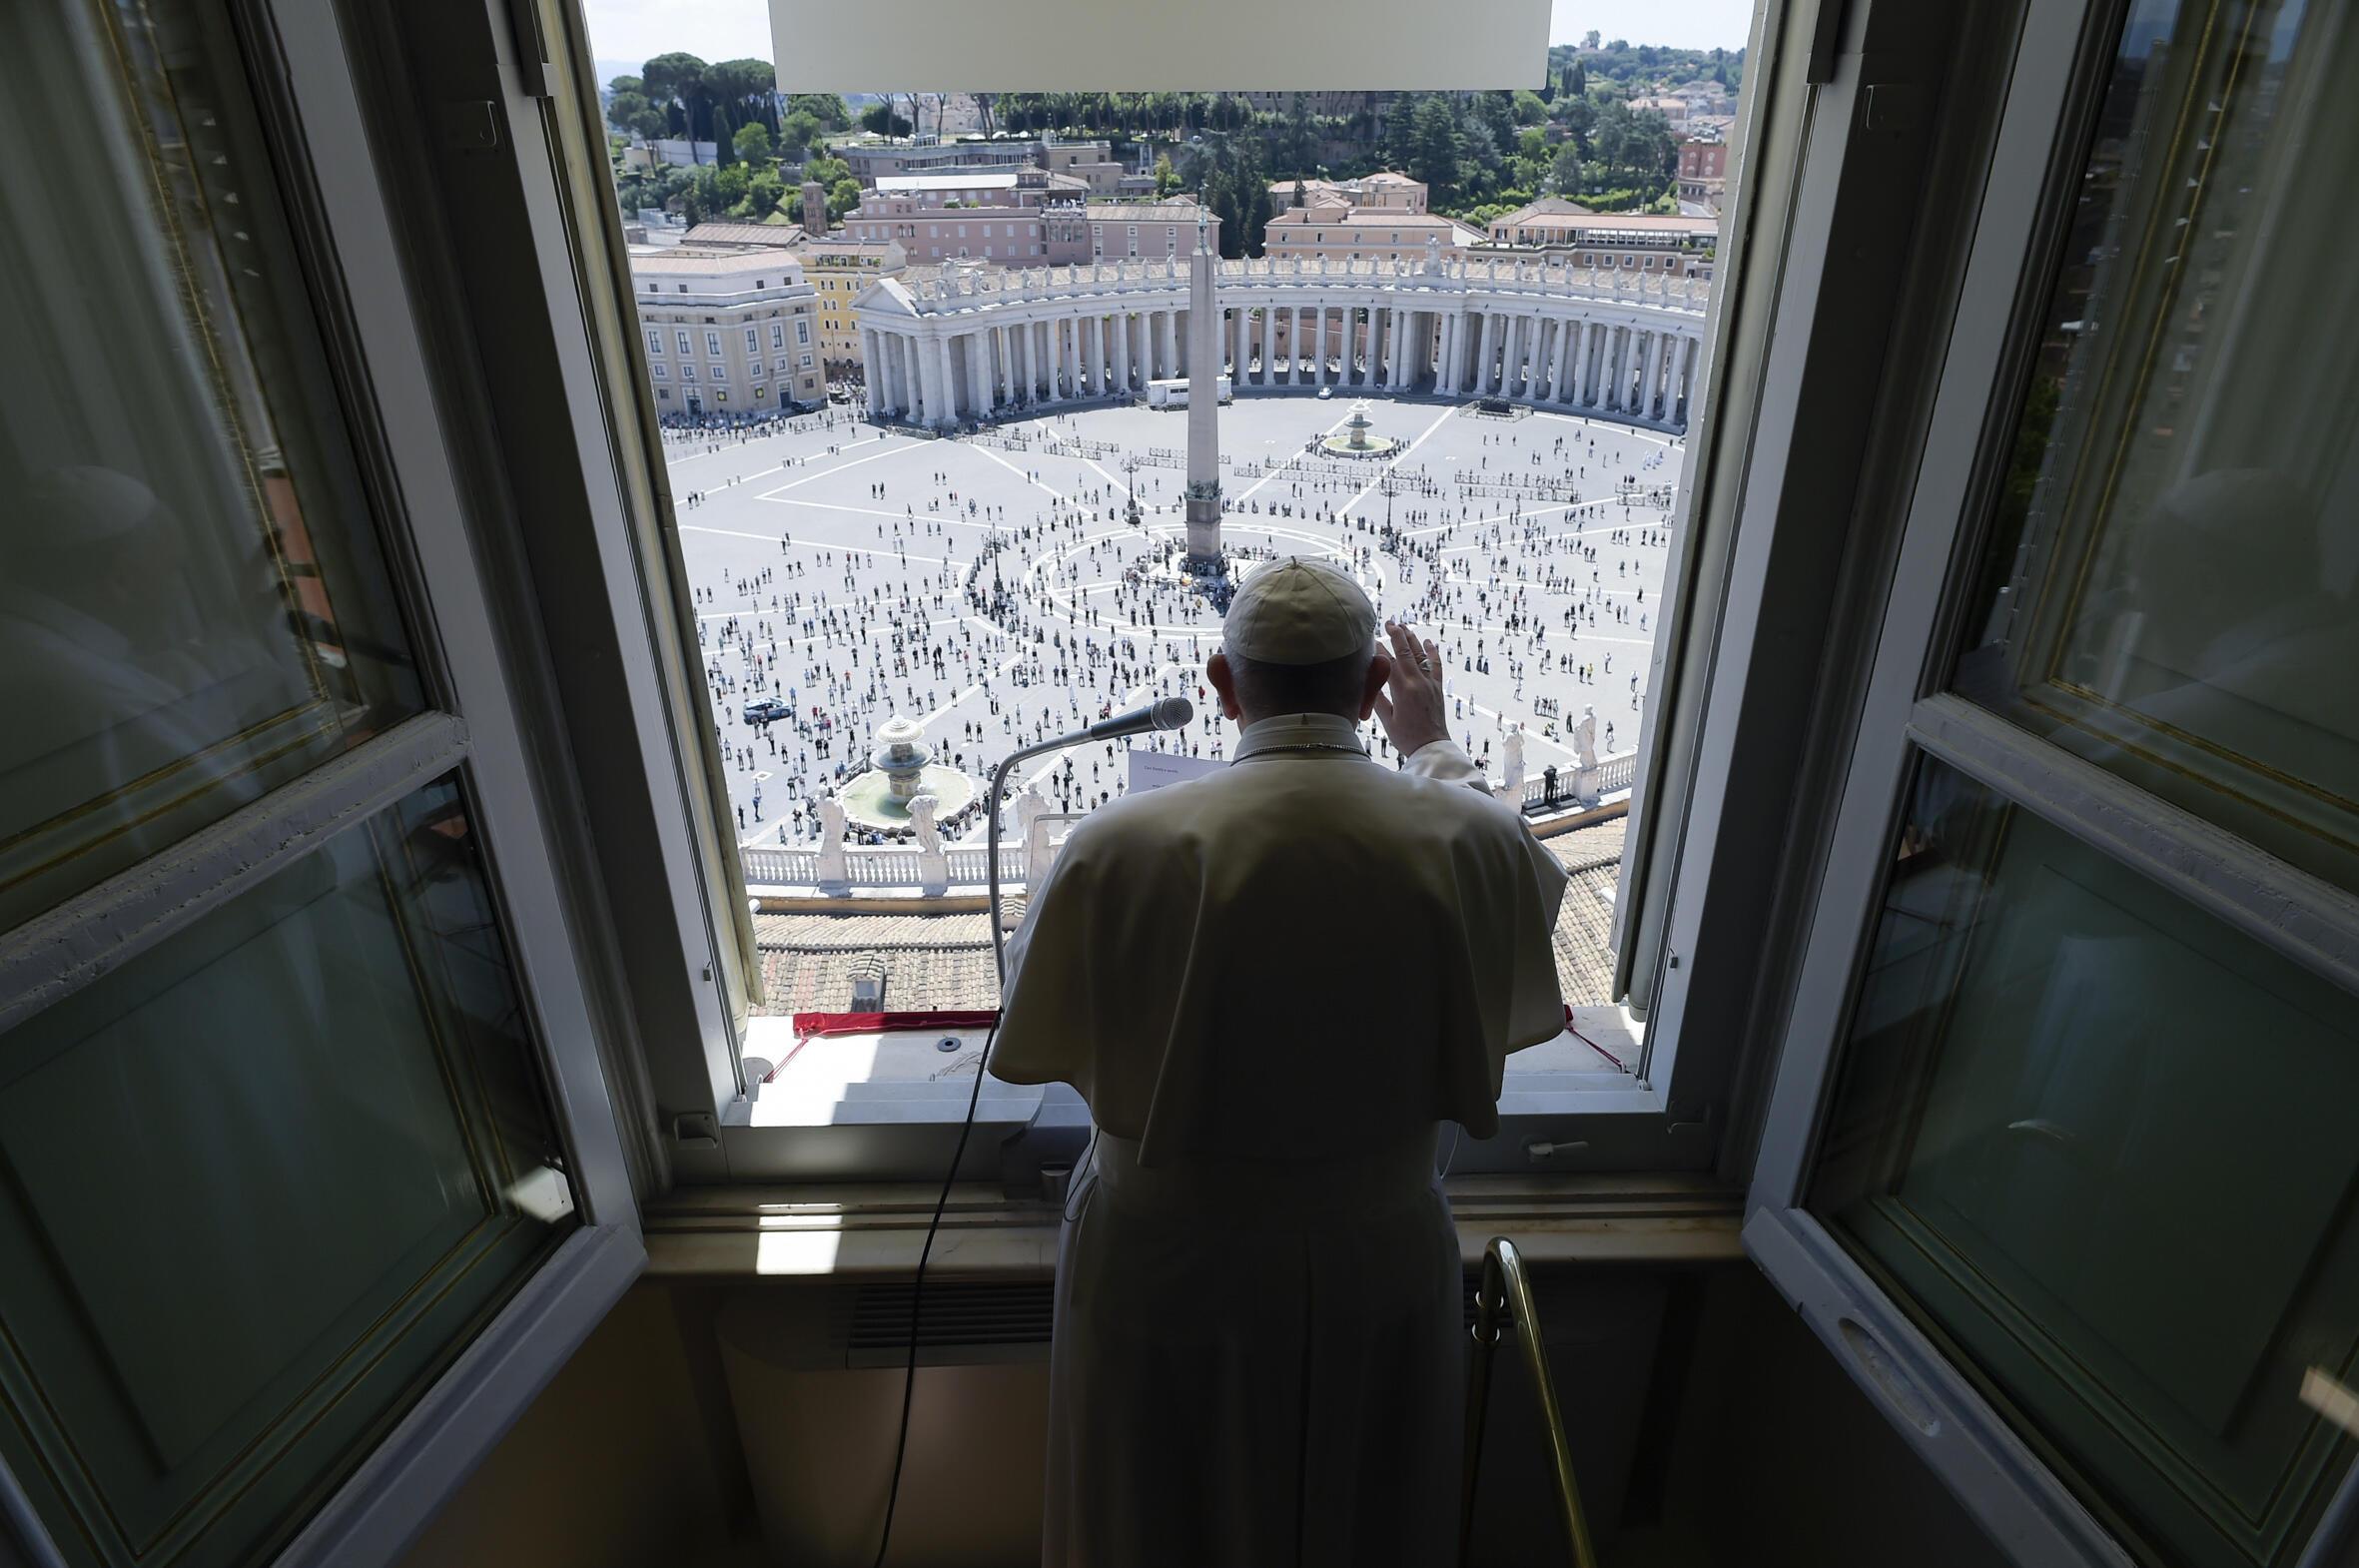 El papa Francisco dirige el rezo del 'Regina Coeli' desde su ventana del Palacio Apostólico a los fieles congregados el 31 de mayo de 2020 en la plaza de San Pedro del Vaticano.